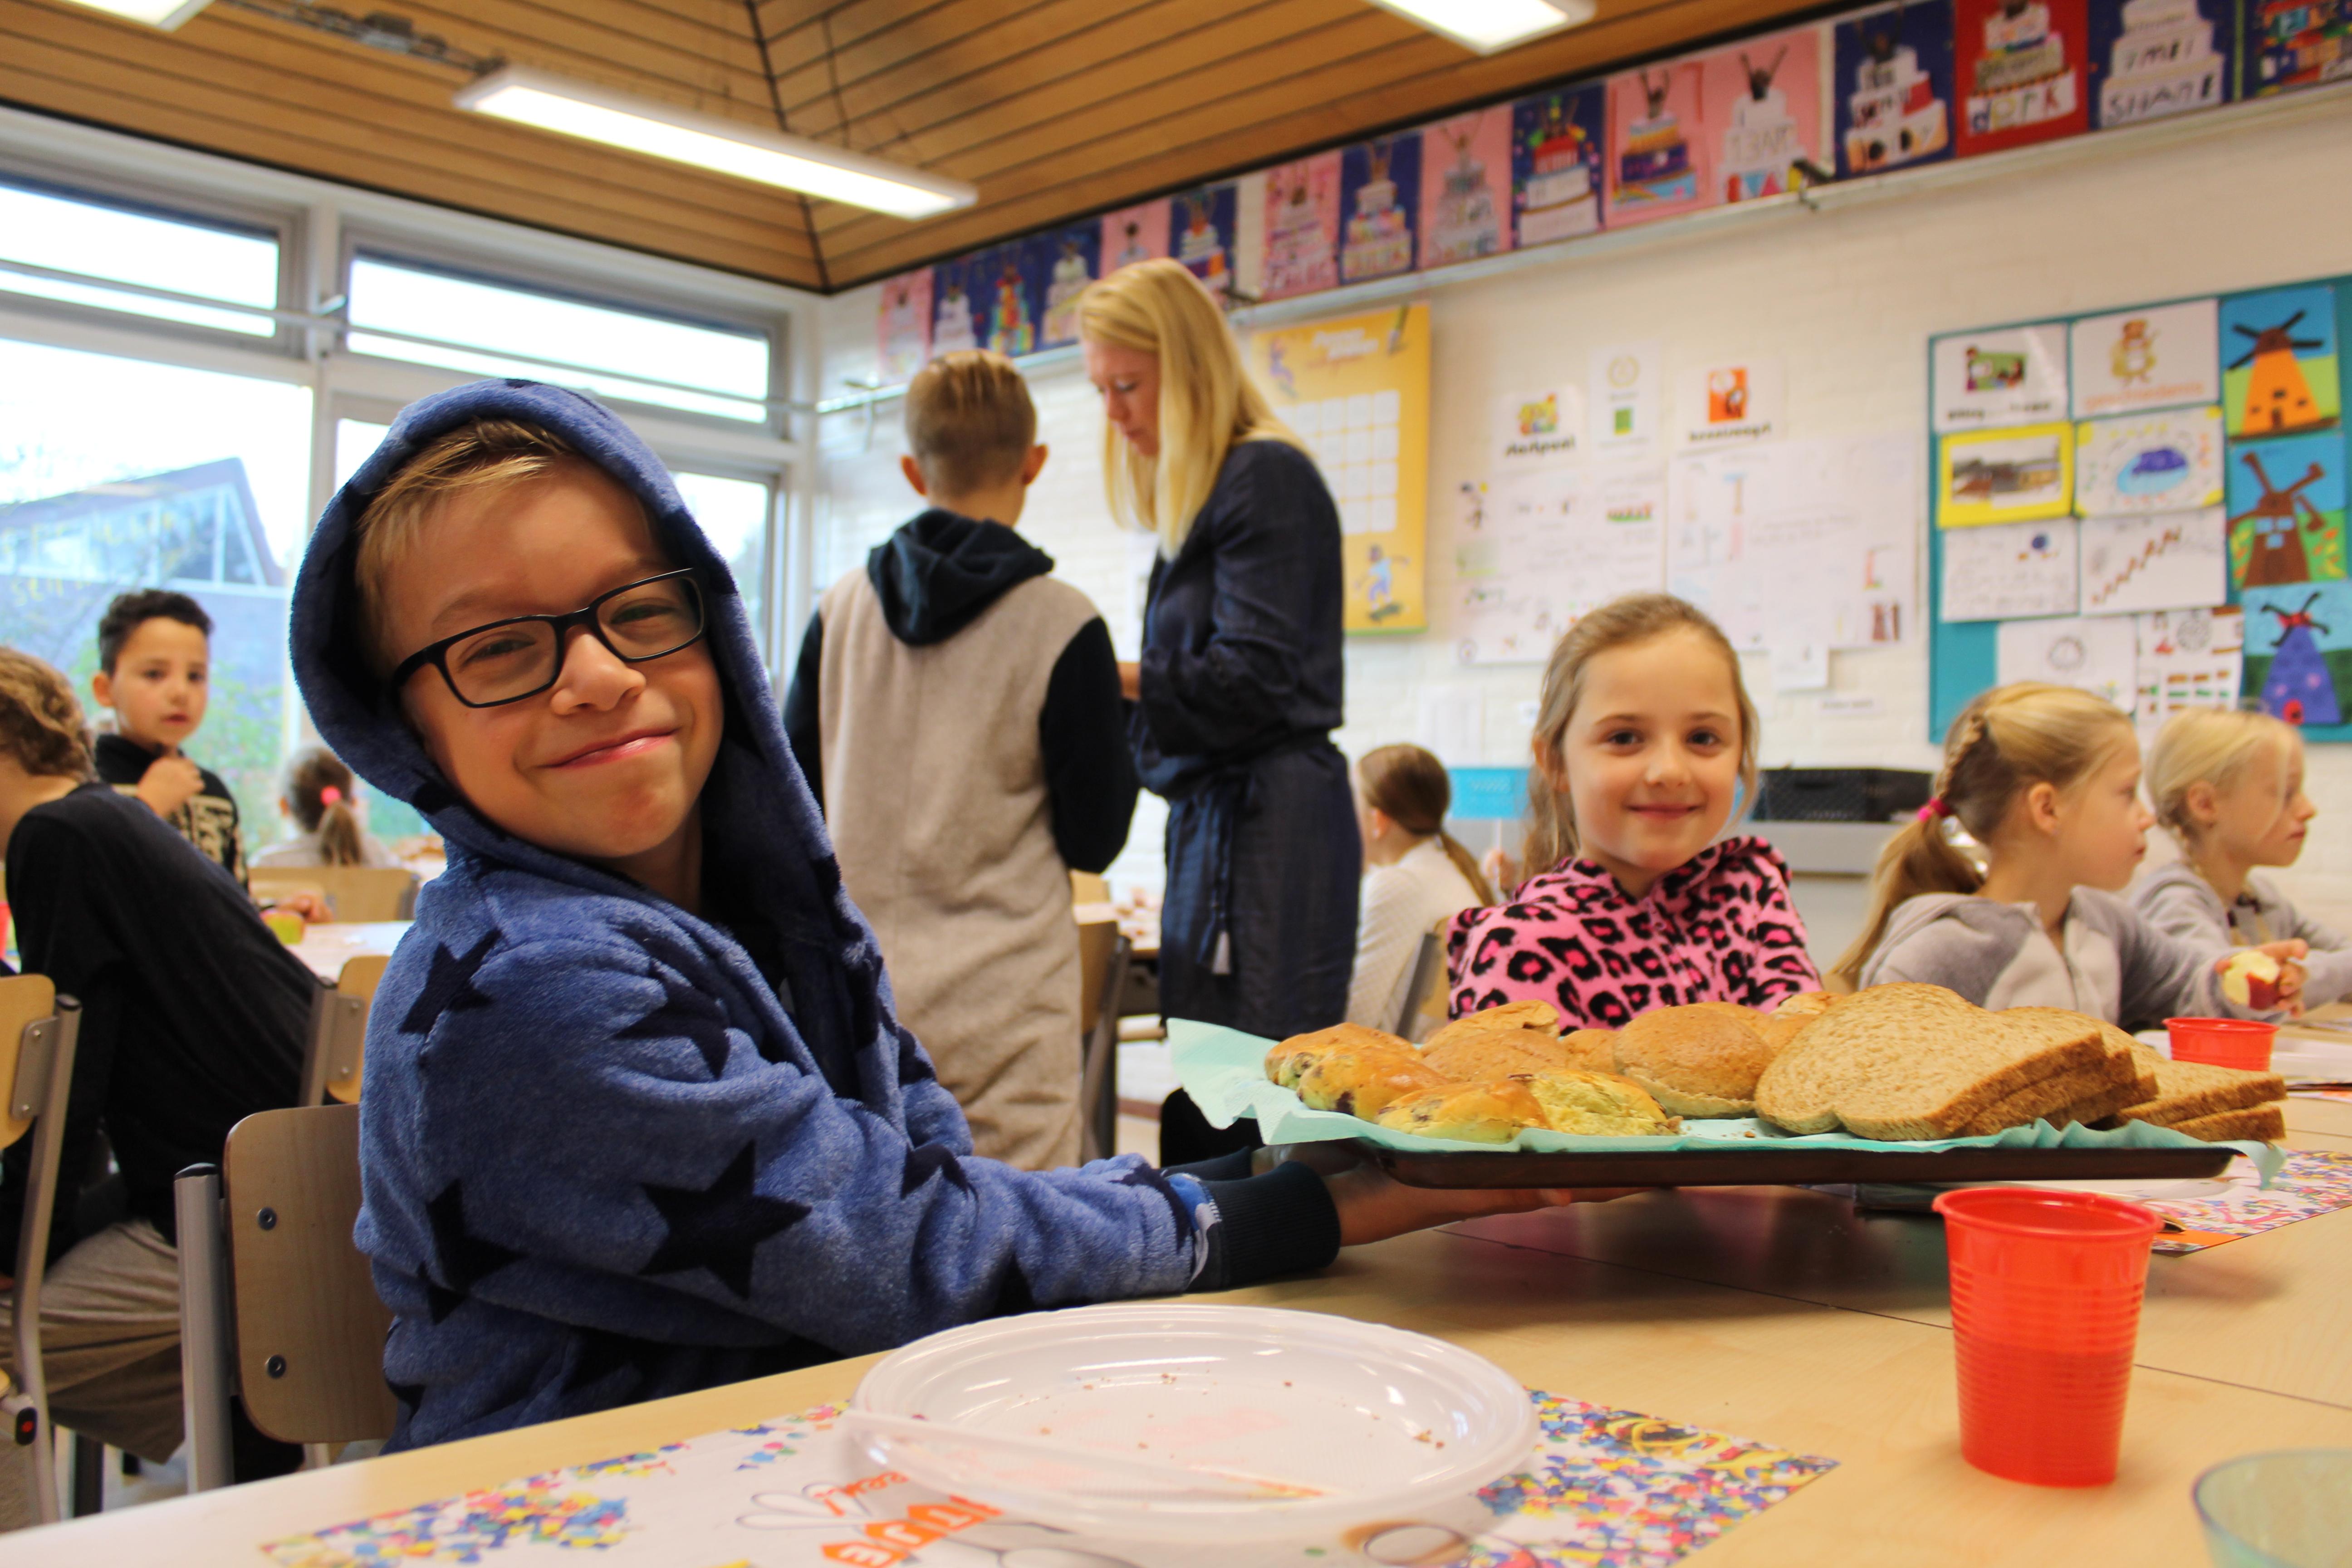 Tim en Lieke vinden het gezellig om samen met hun klasgenootjes te ontbijten. (Foto's: Rodi Media/AO)